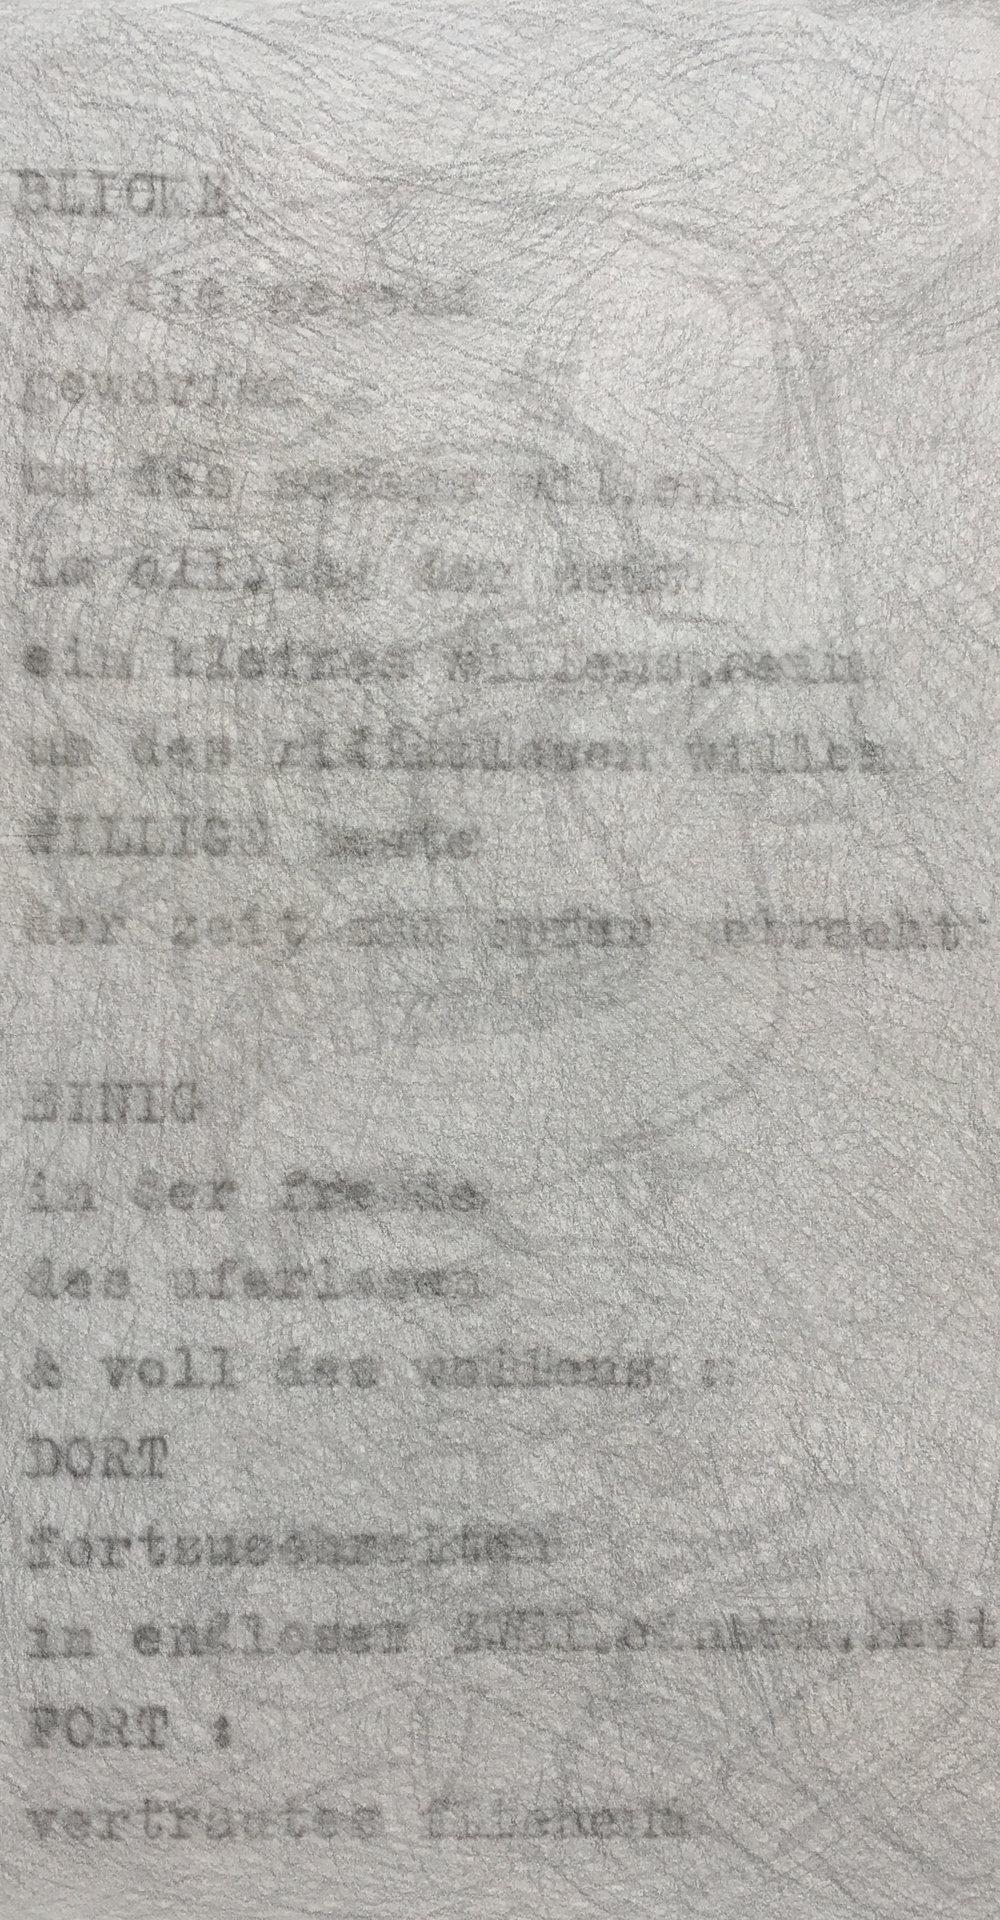 BLICKE - gedicht mit schaedel fuer sommerakademie till megerle.jpg